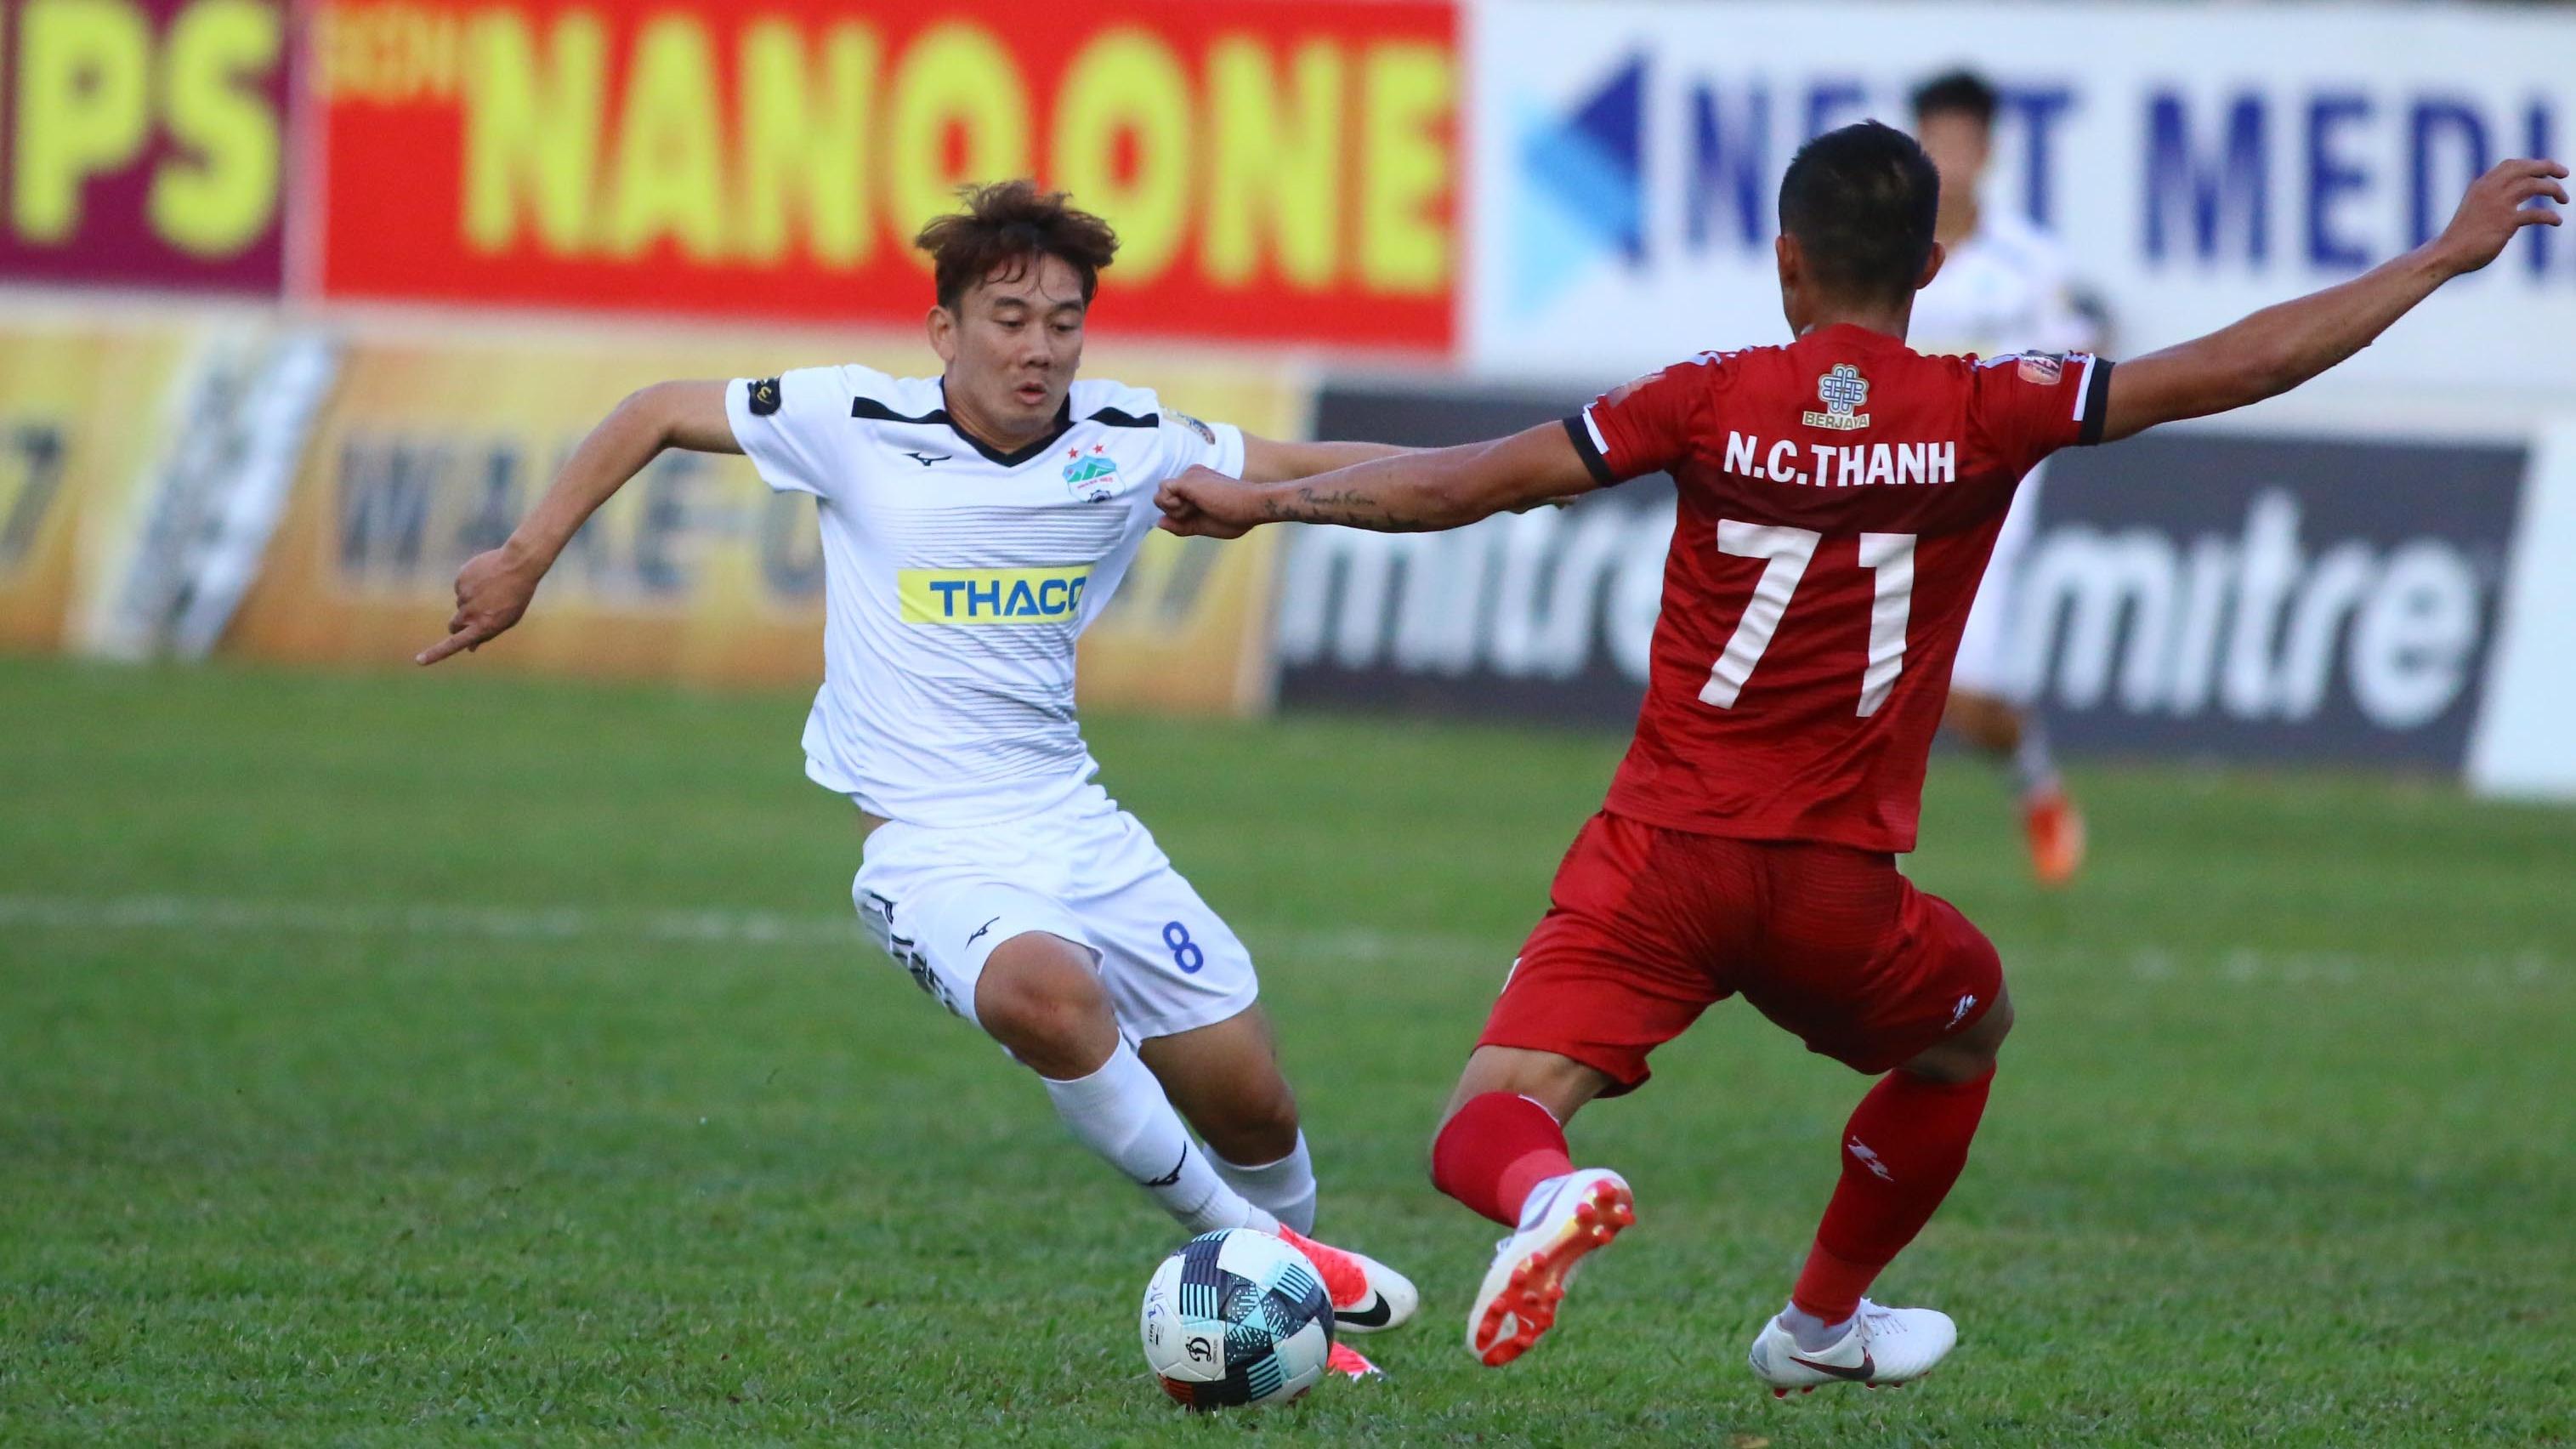 Kim Bong-jin HAGL Ho Chi Minh City V.League 2019